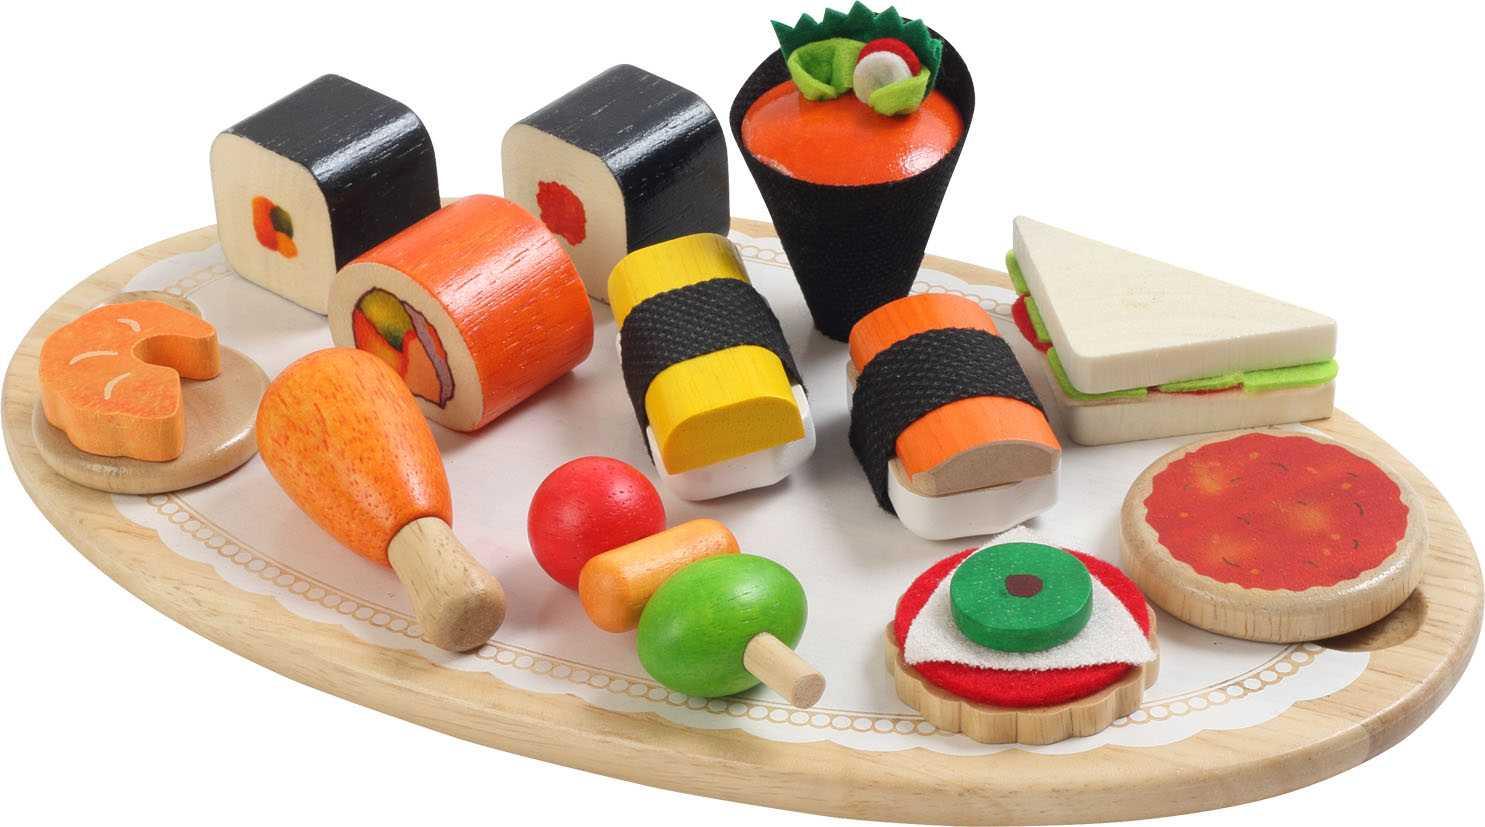 Sushi Tidbits